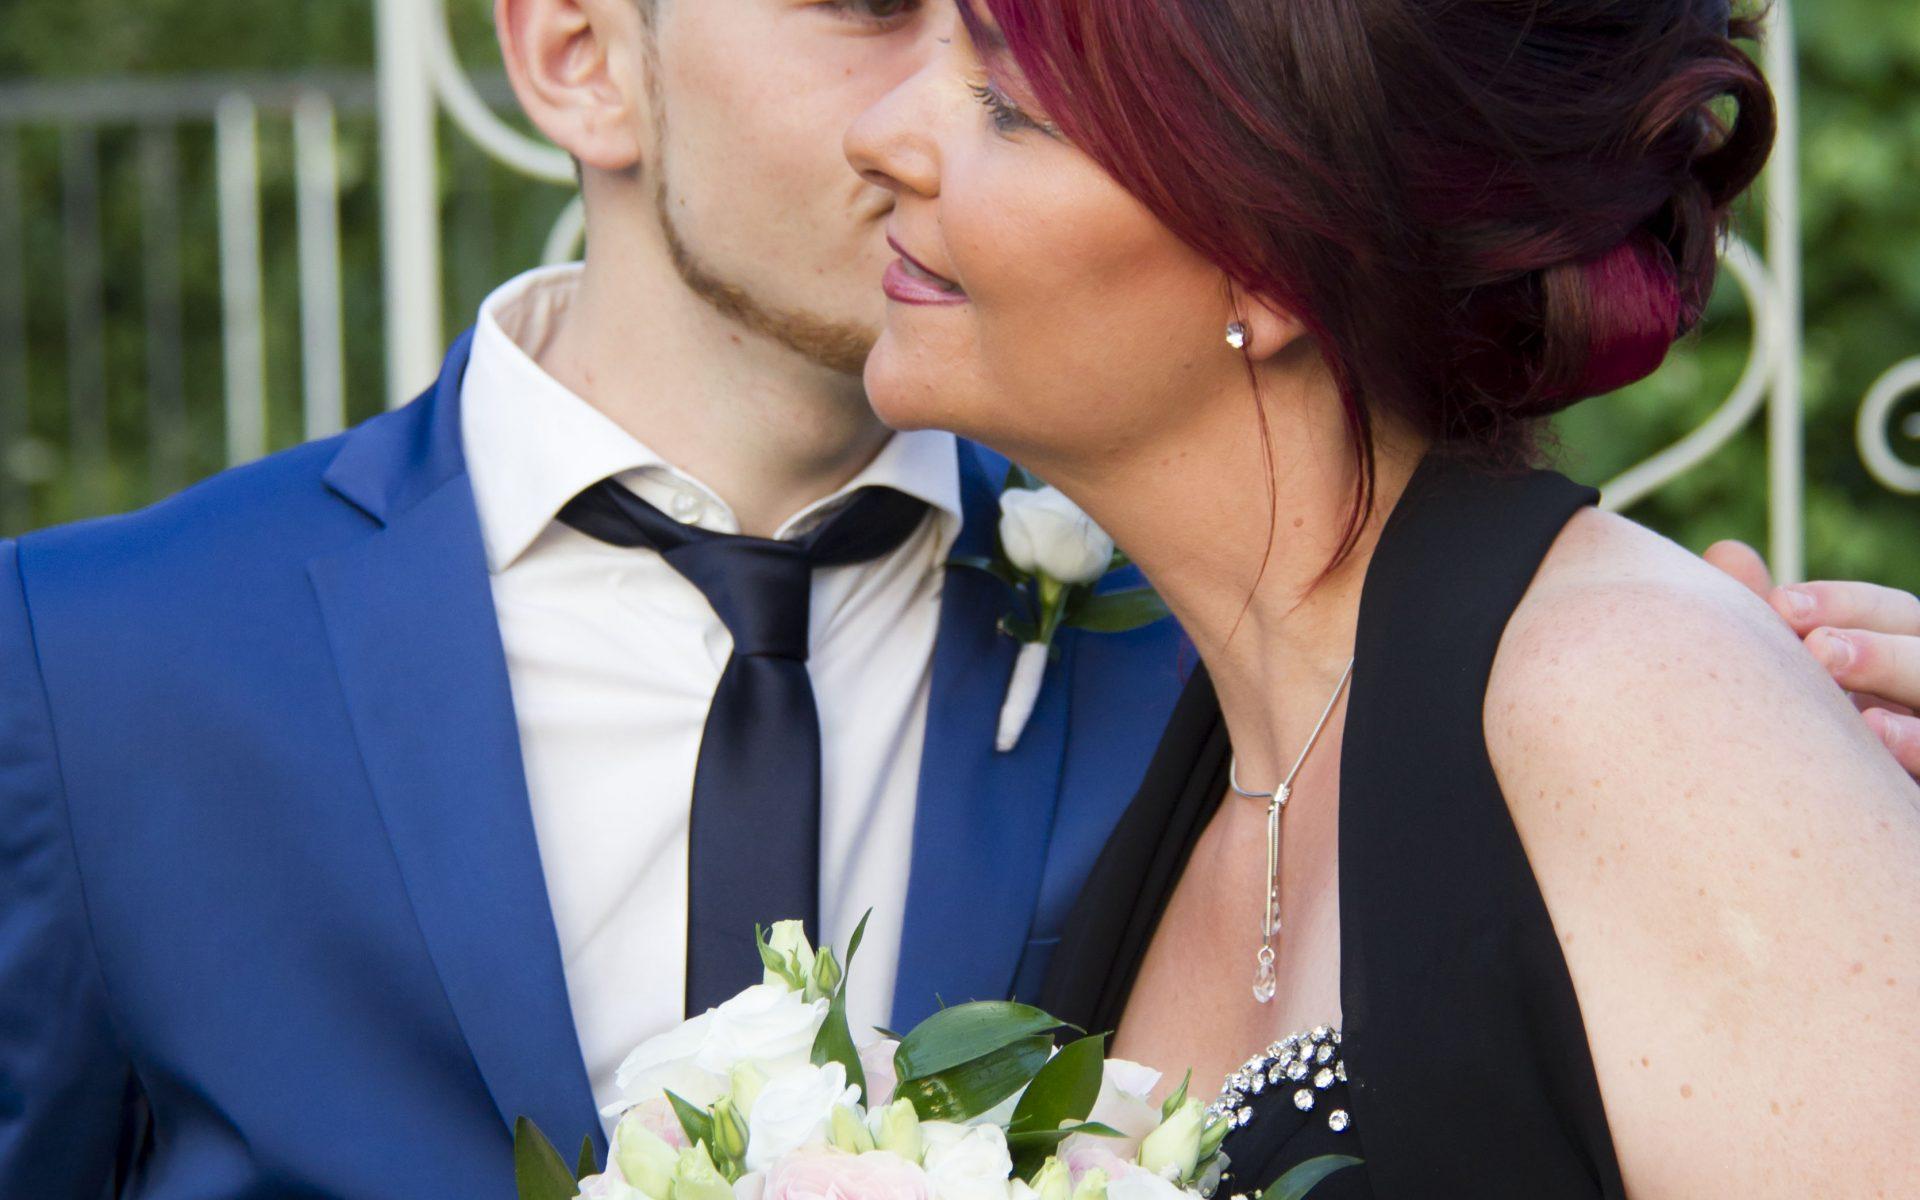 Anniversario Matrimonio Dove Festeggiare.Festeggiare 25 Anni Di Matrimonio Ecco Perche Celebrare Le